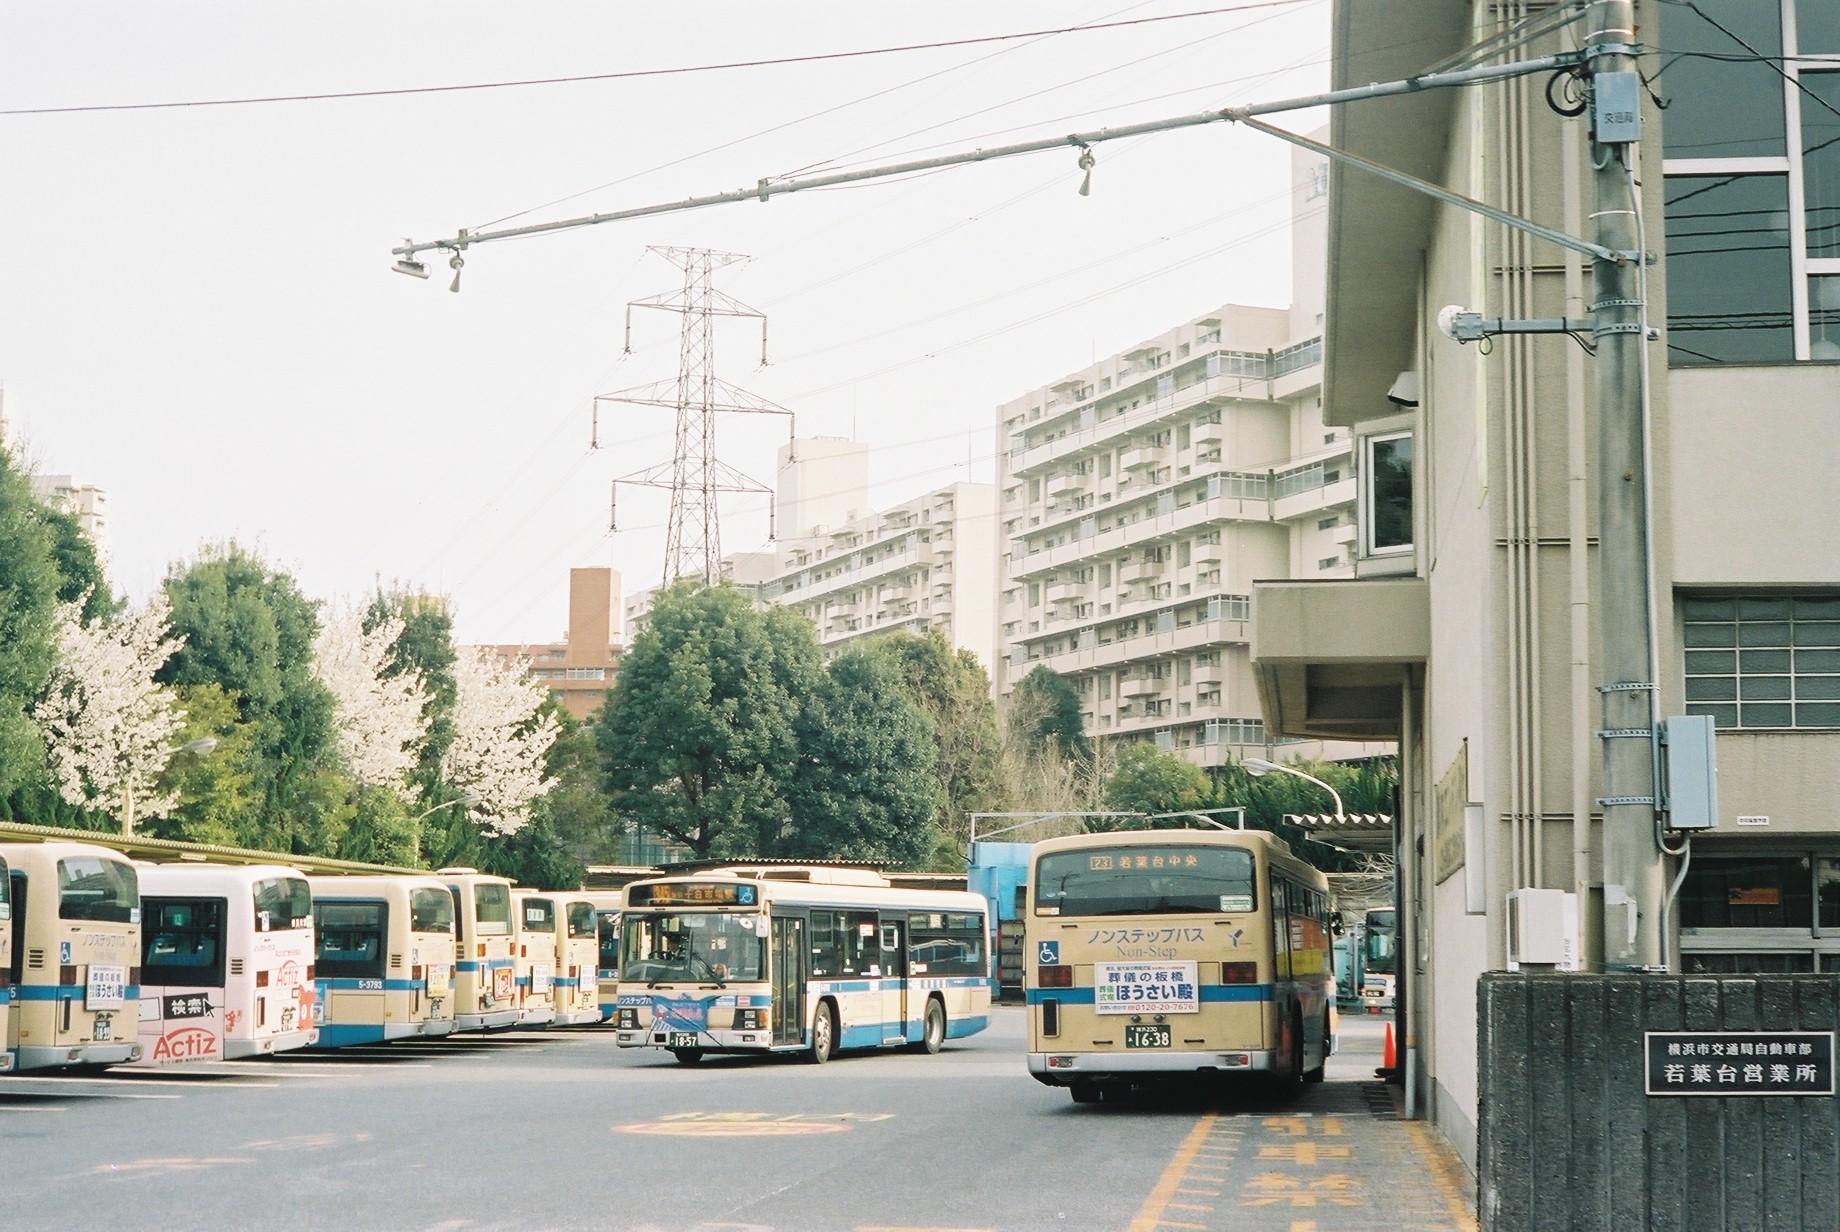 横浜 市営 バス 運賃